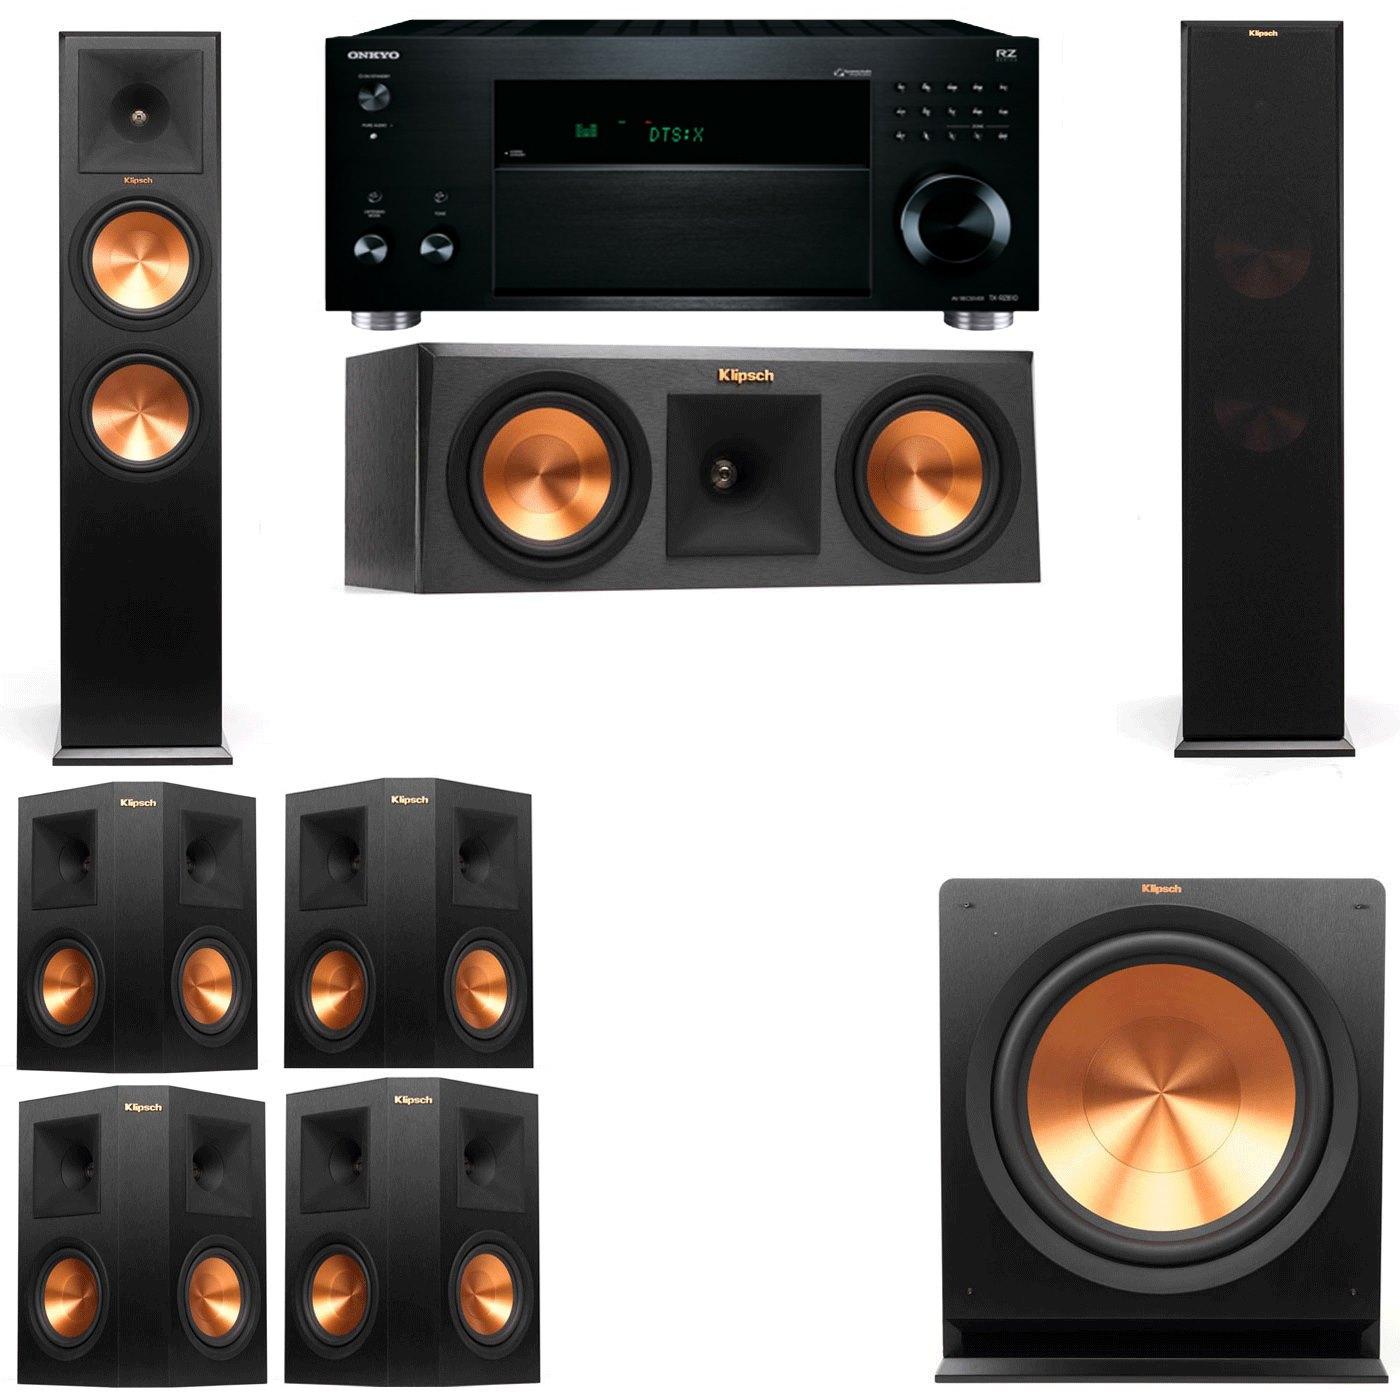 Klipsch RP-280F Tower Speakers-RP-250C-R112SW-7.1-Onkyo TX-RZ810